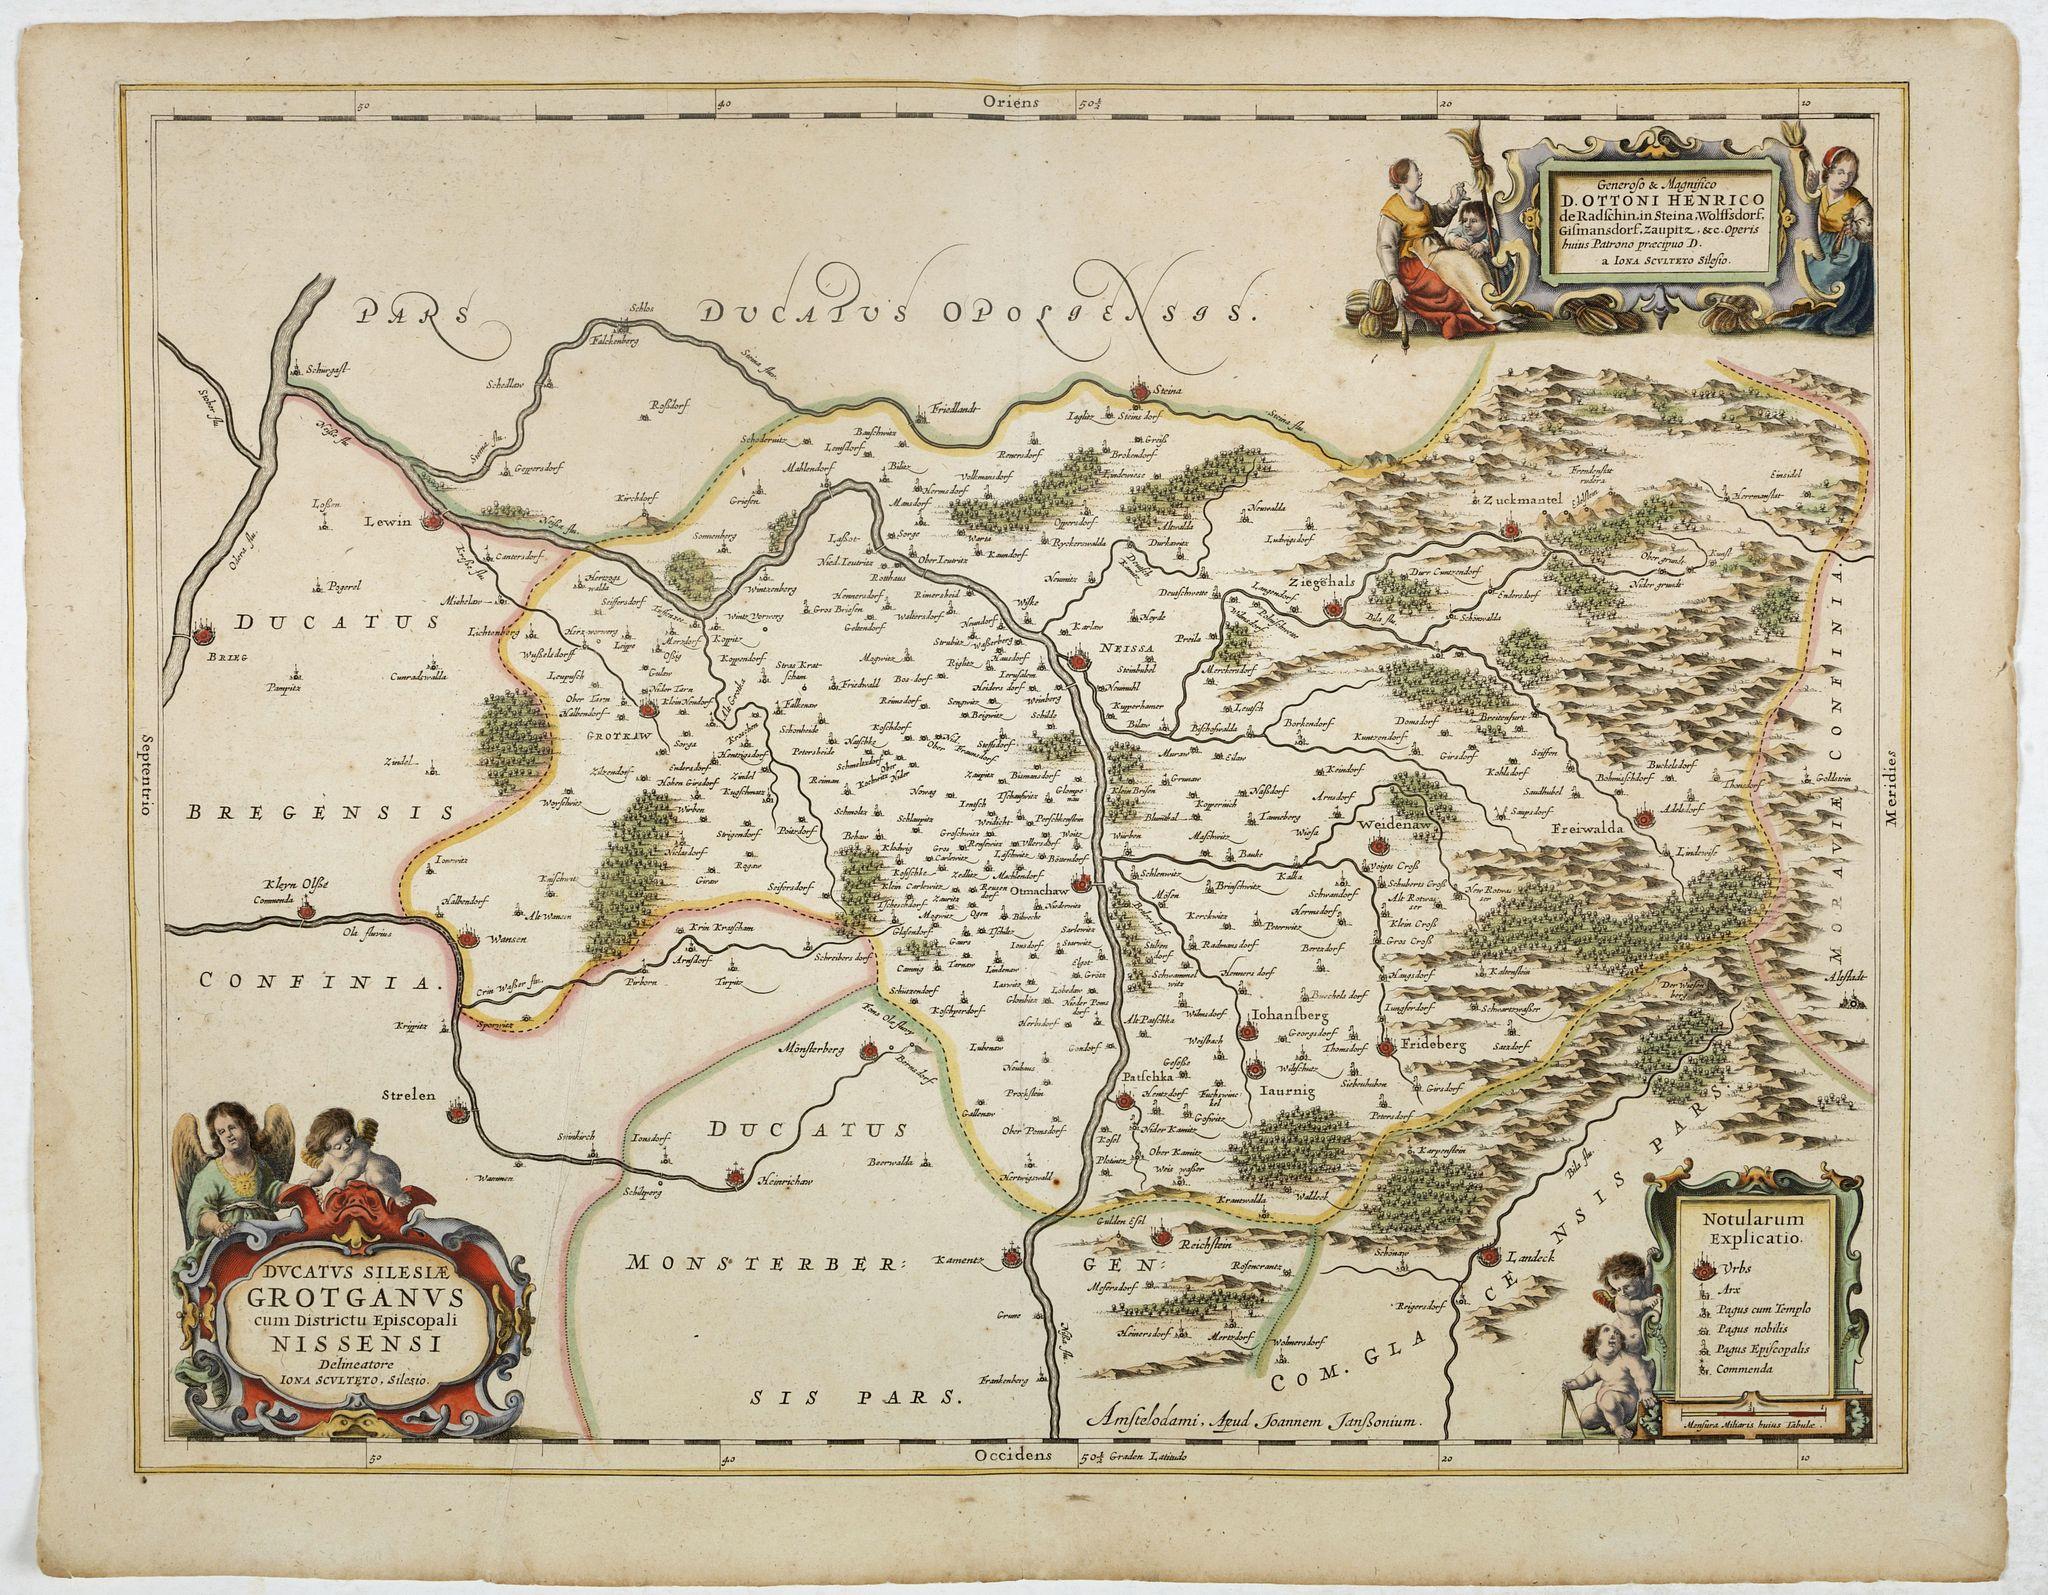 JANSSONIUS, J. -  Ducatus Silesiae Grotganus cum Districtu Episcopali Nissensi Delineatore Iona Sculteto, Silesio.